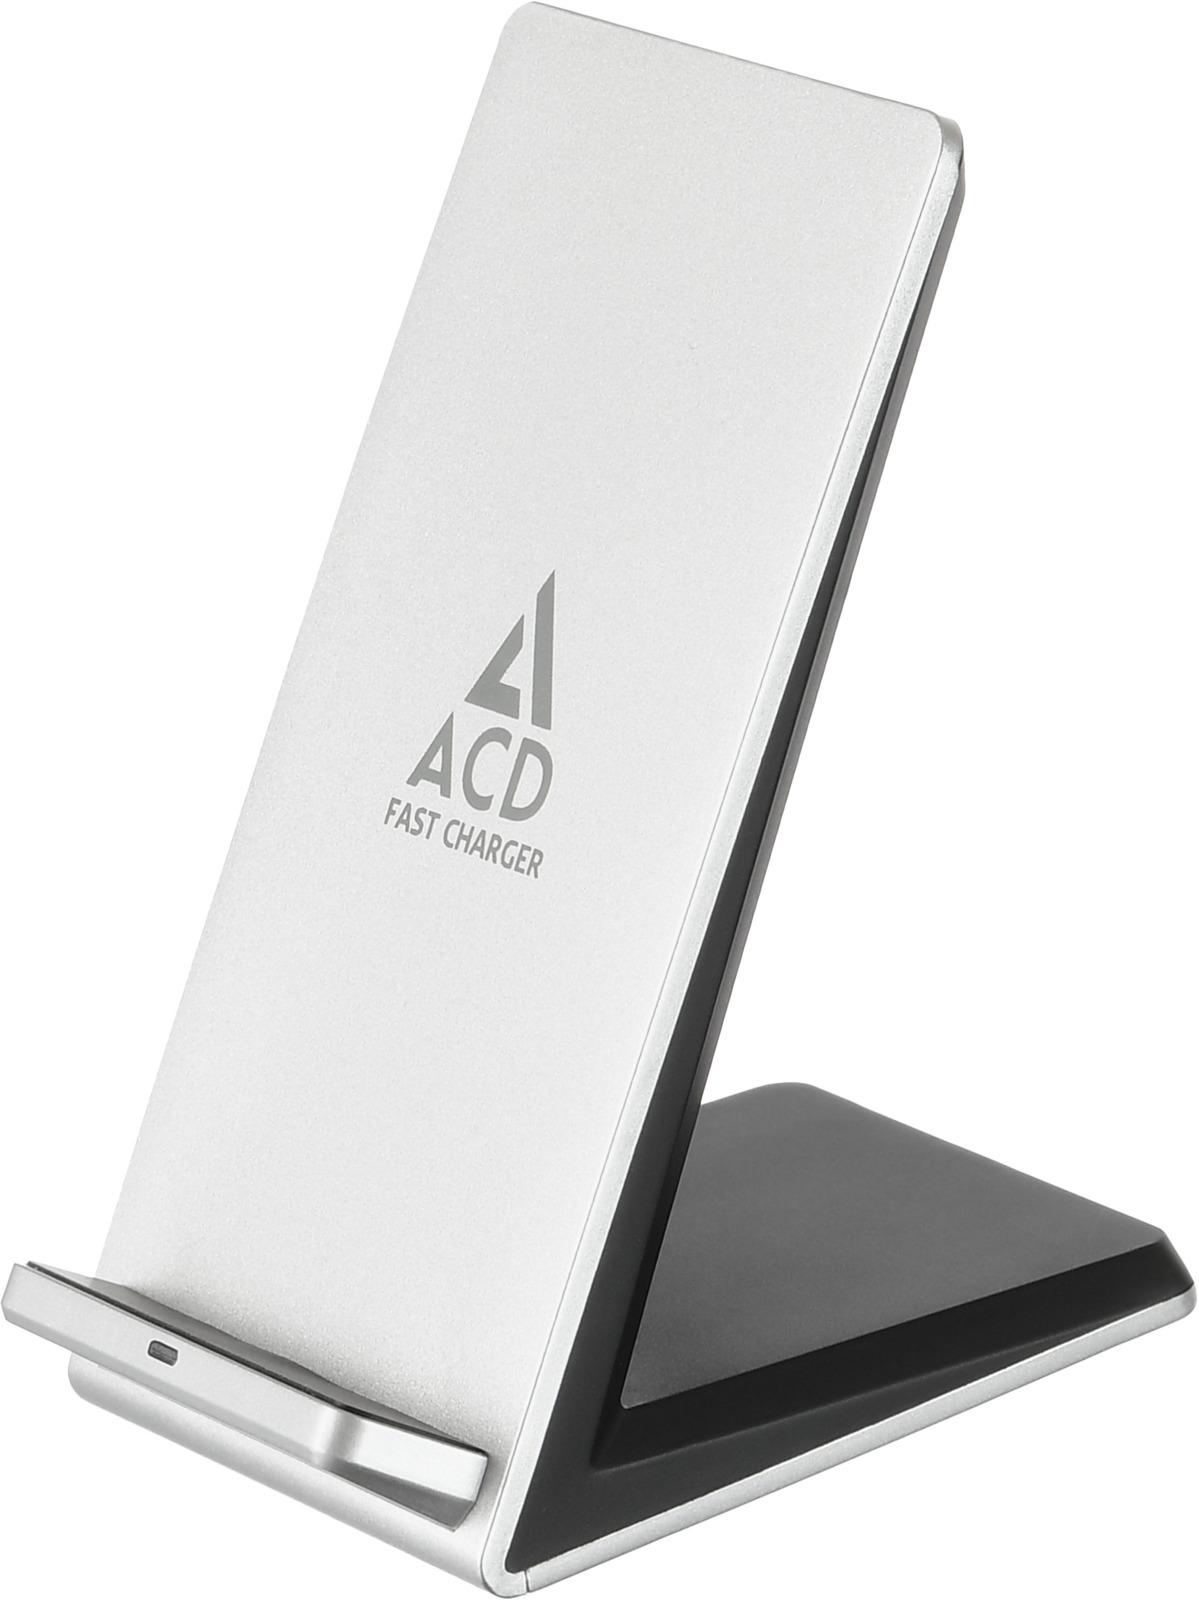 Беспроводное зарядное устройство ACD, 10Вт, ACD-W102S-F1S аксессуар acd link usb c usb a 1m white acd u910 c2w